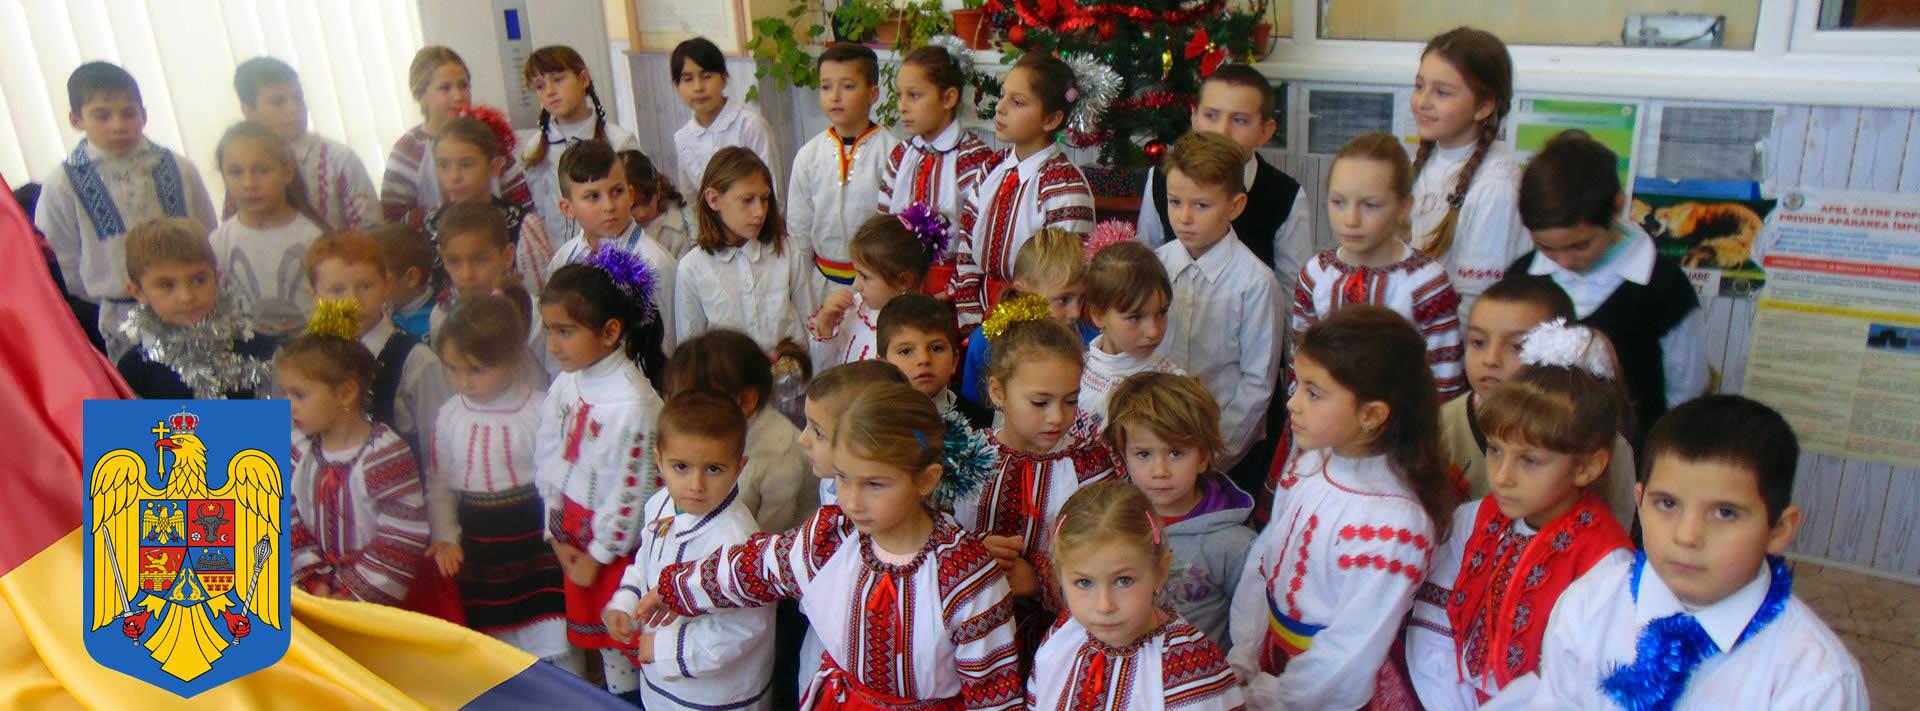 Evenimnet cultural, copii din Comuna Berești-Meria